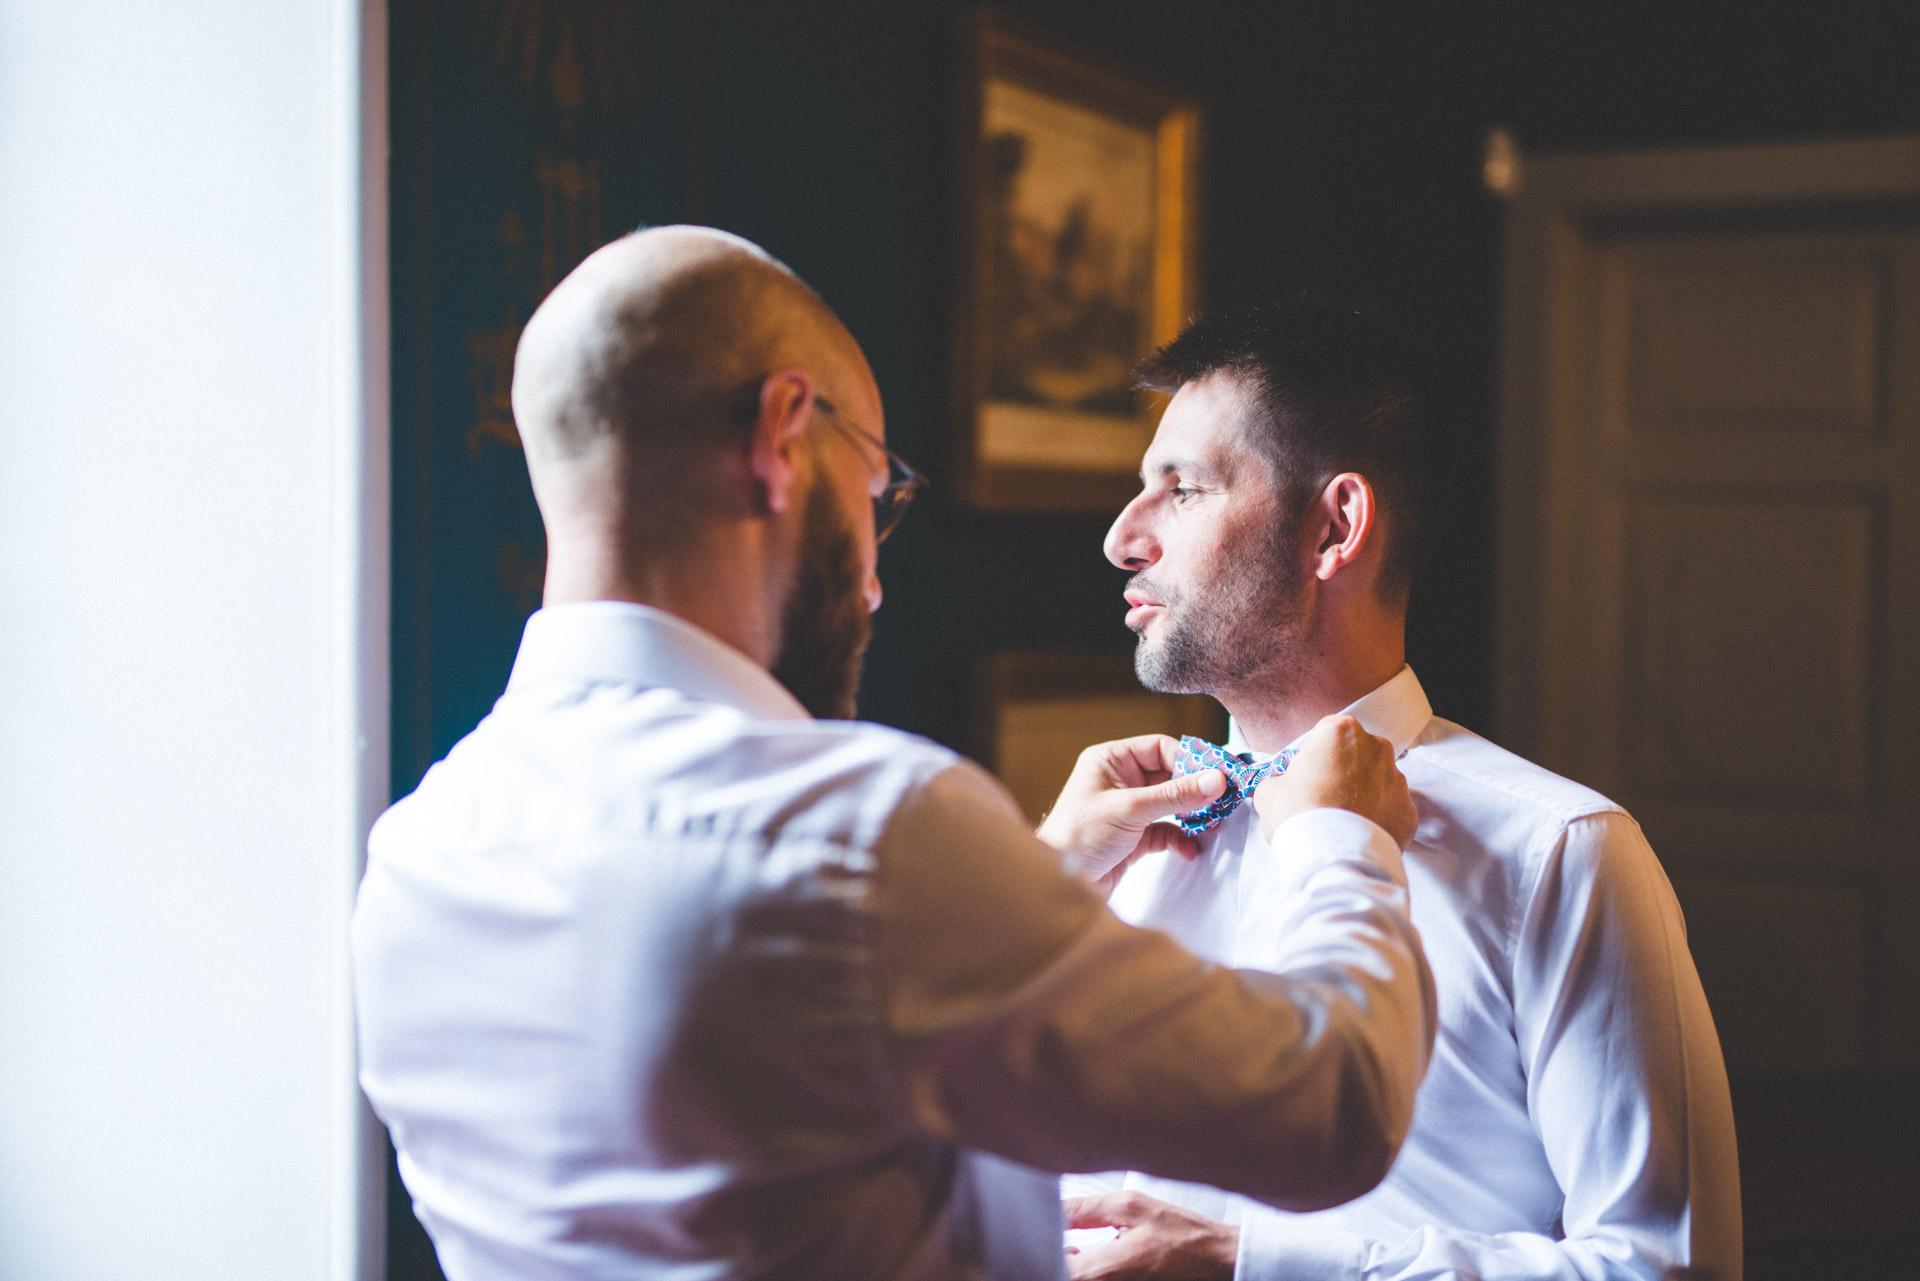 Photographe de mariage réalisant un photo-reportage pour des mariés.